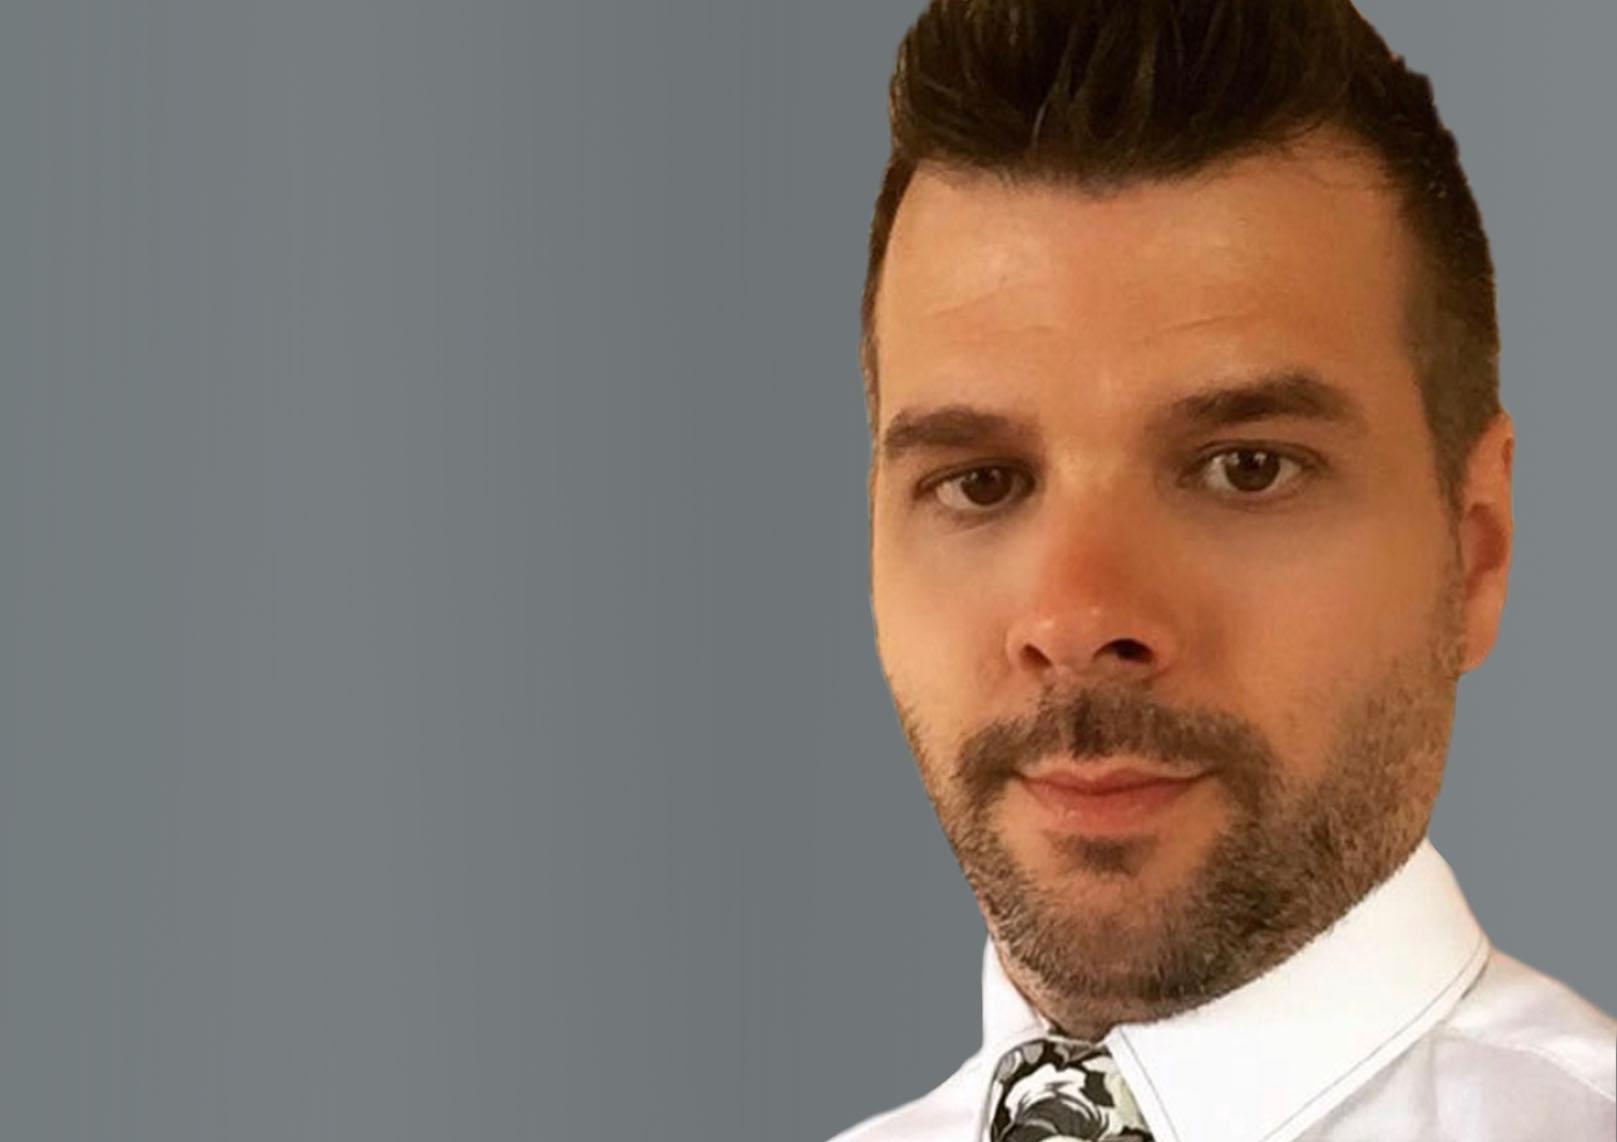 A photo of Stephane Moisan